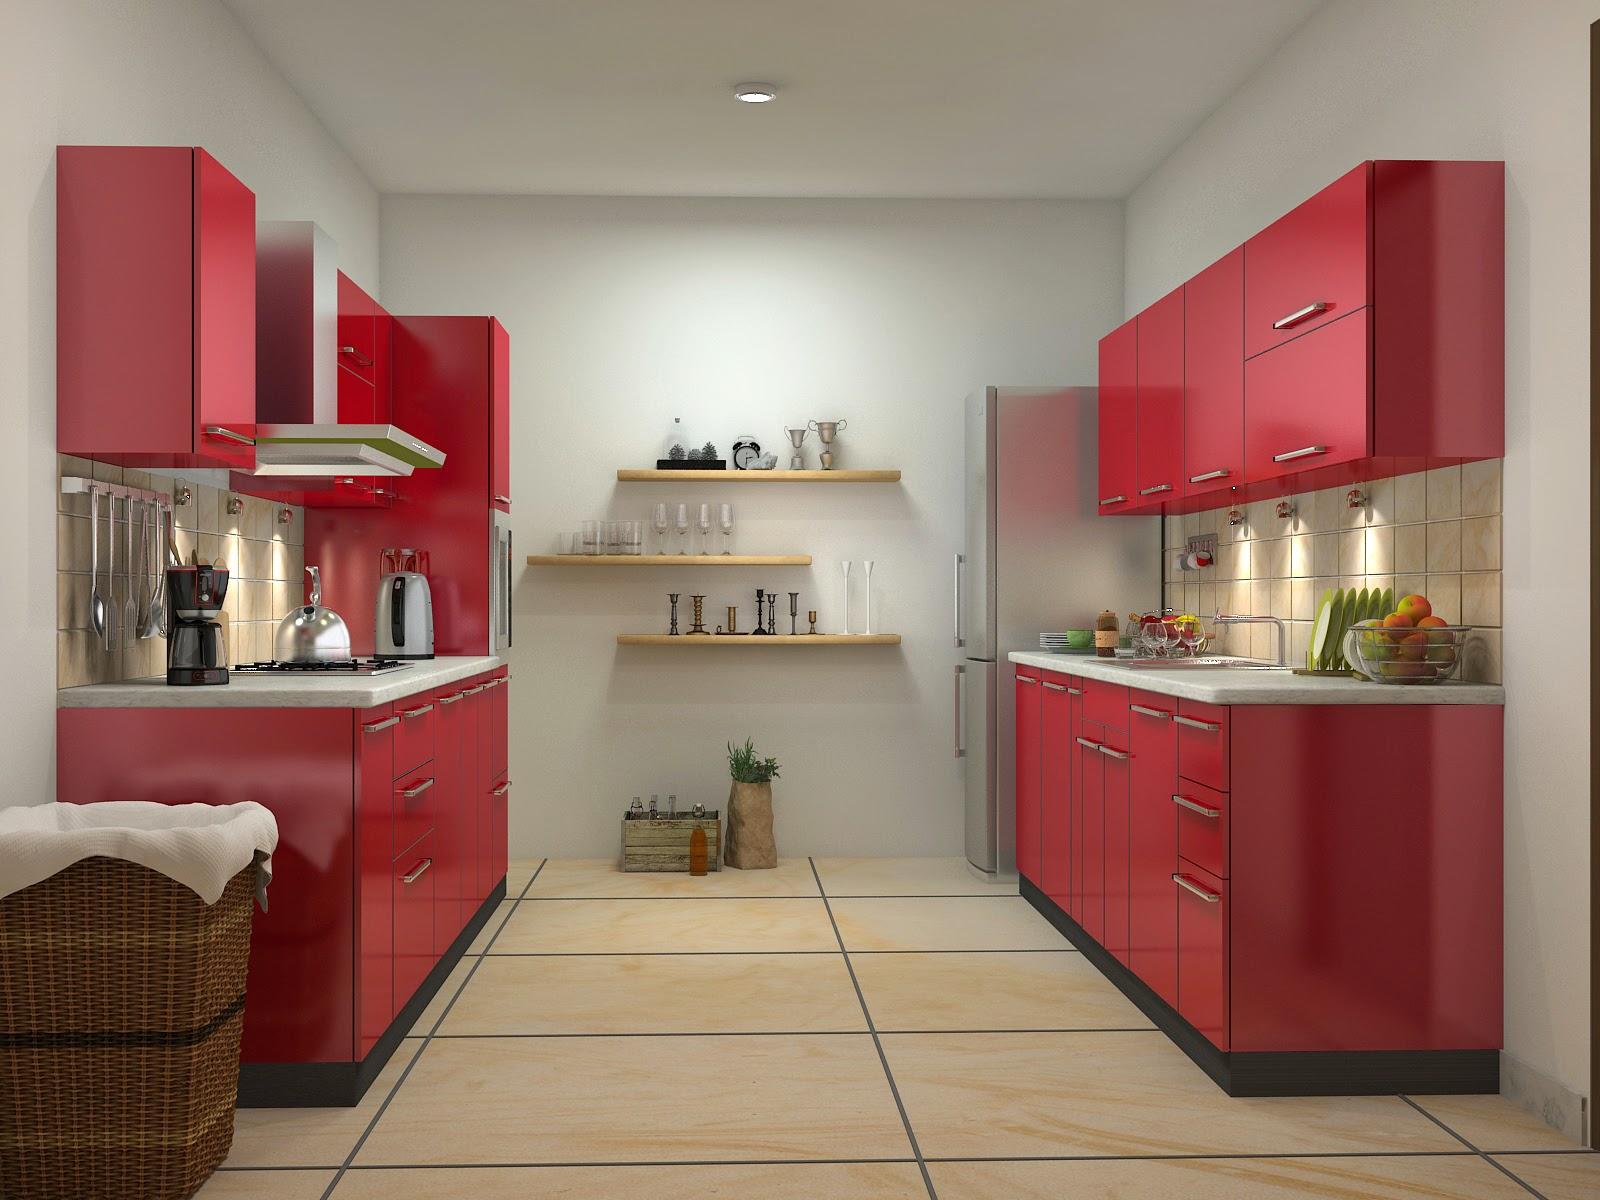 Modular Kitchen inspiration  Interior Decor Blog  Customfurnishcom